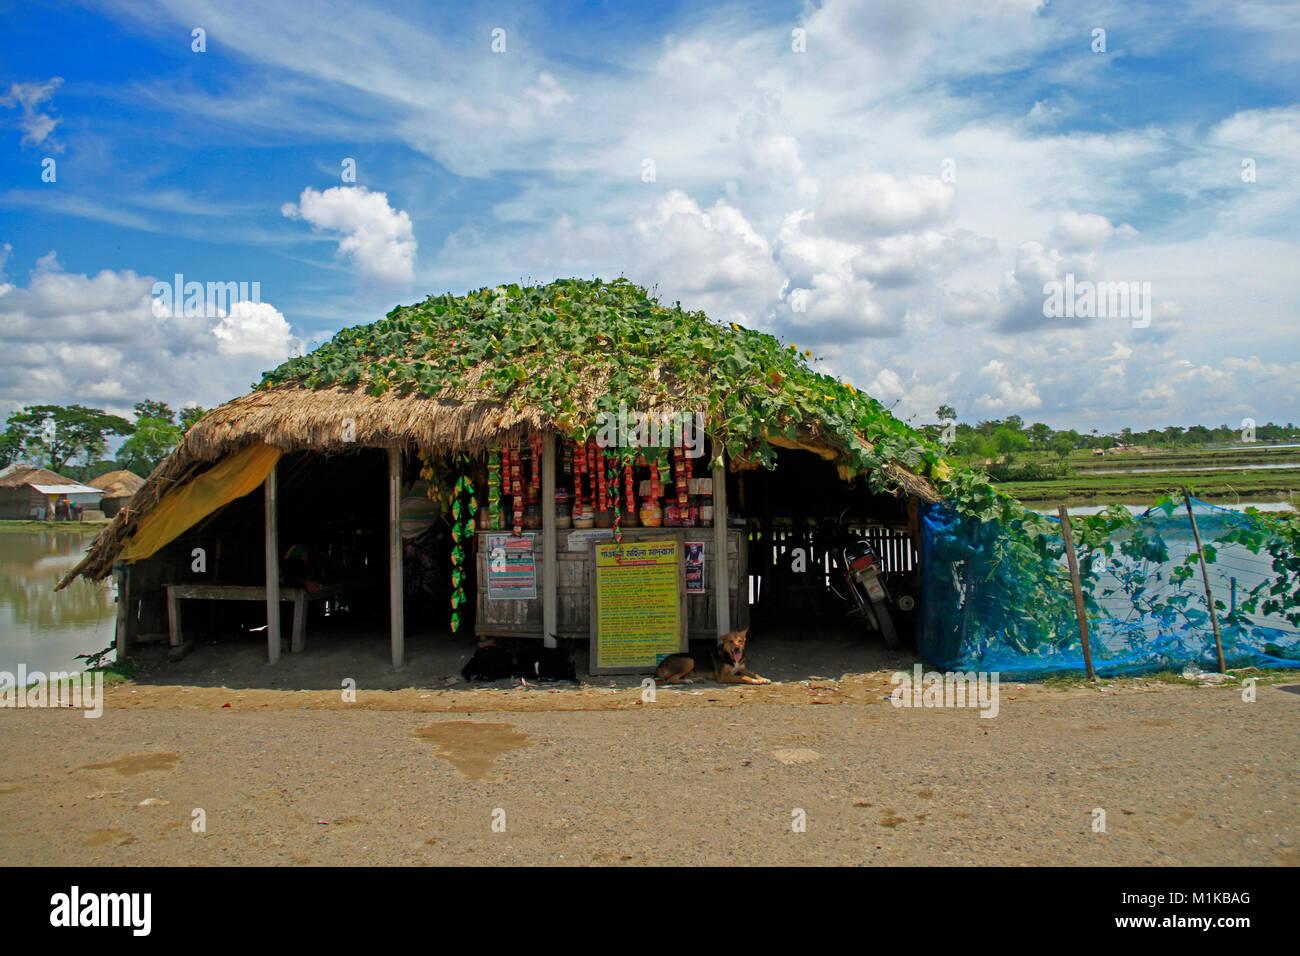 Coastal Lifestyle of Bangladesh. - Stock Image